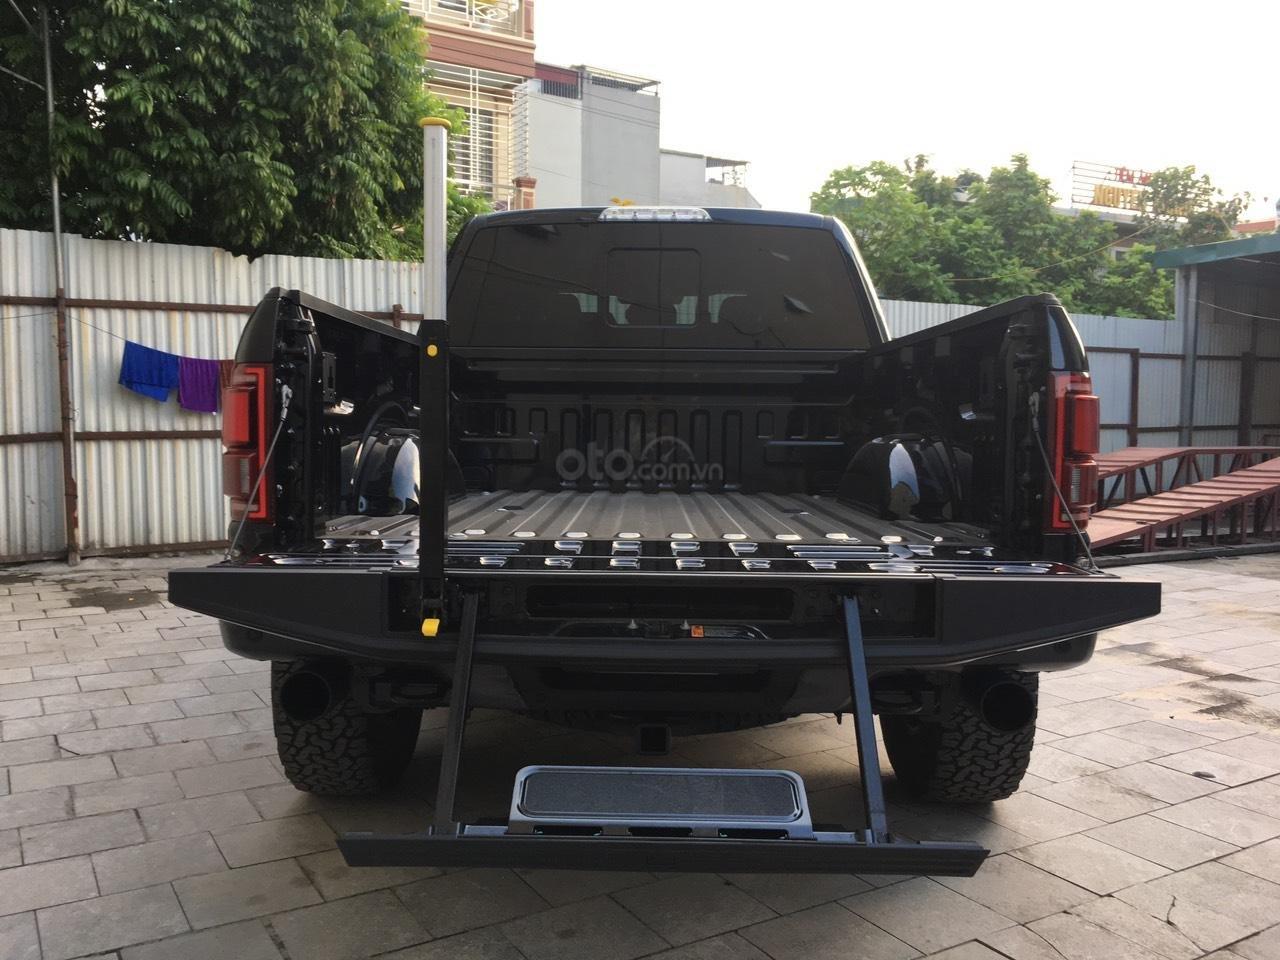 Bán siêu bán tải Ford F150 Raptor 2020, giá tốt giao ngay toàn quốc. LH Ms. Ngọc Vy 093.996.2368 (12)